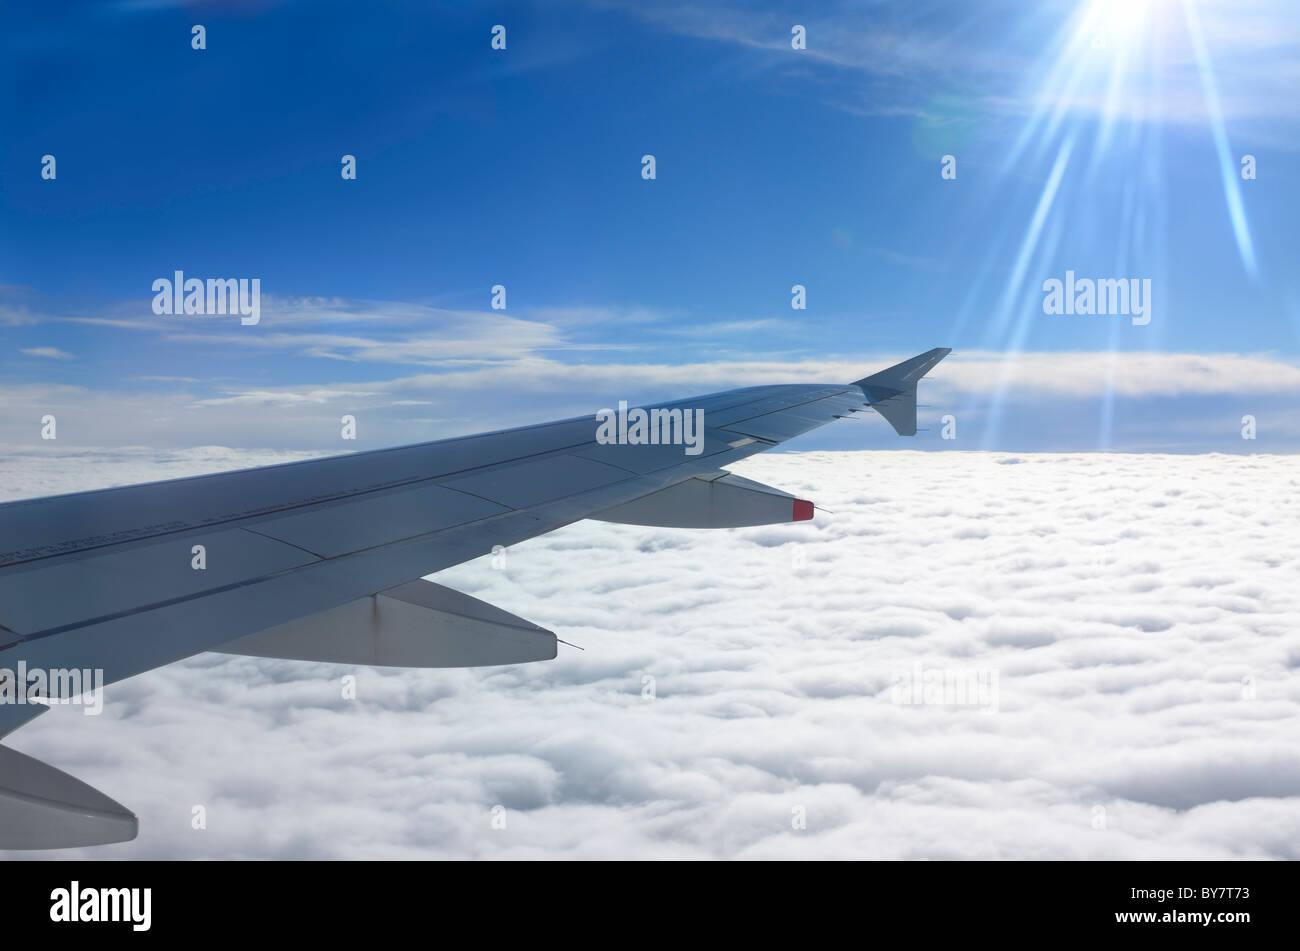 Volare sopra le nuvole con un aeromobile jet ala e sun flare Immagini Stock